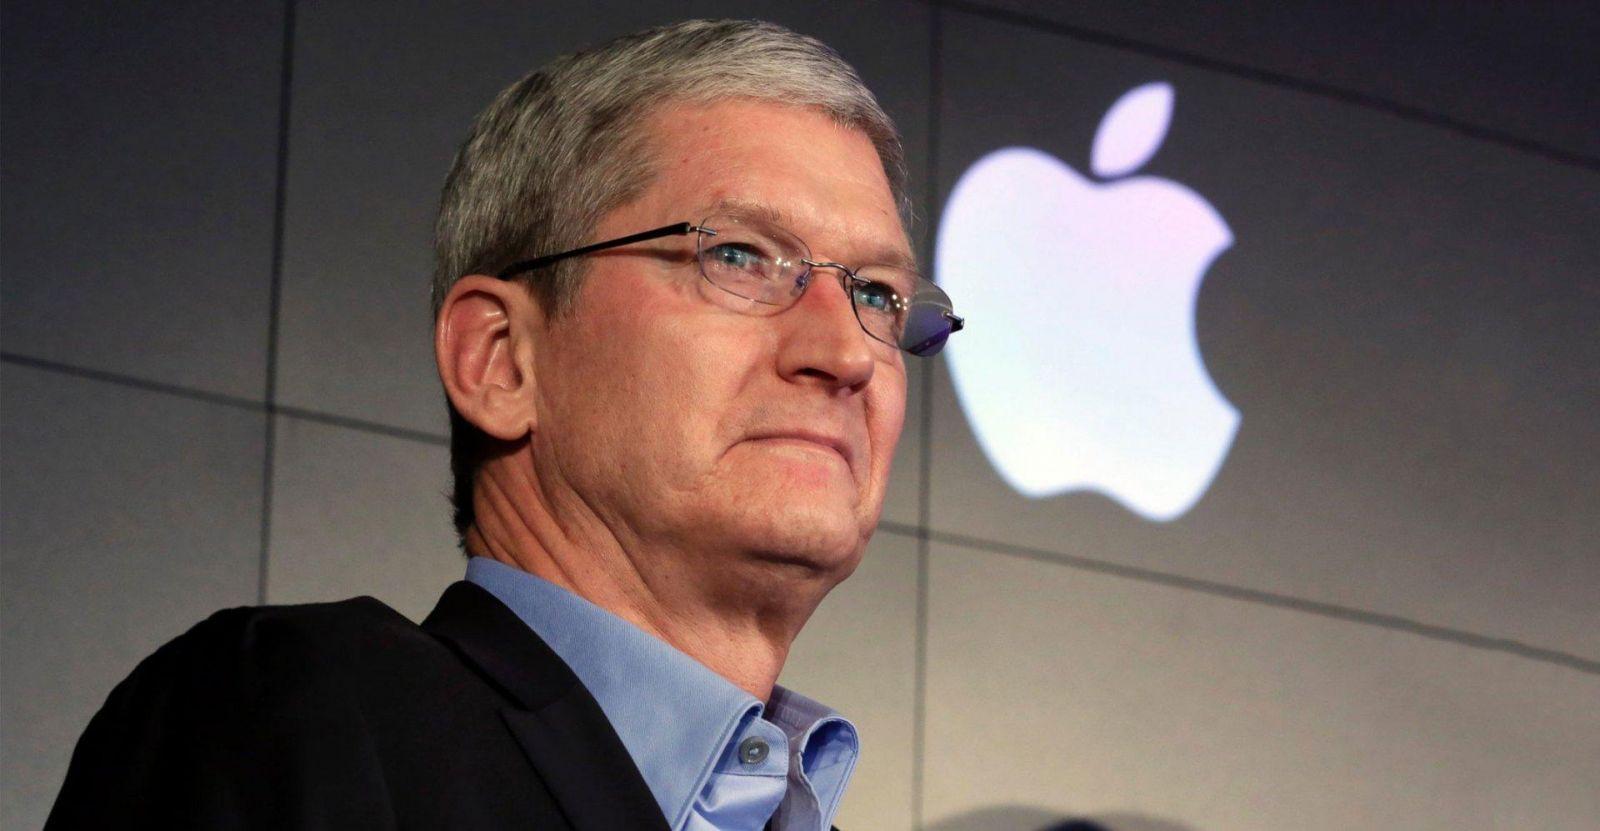 Apple финансово поможет в восстановлении Нотр-Дам де Пари (tim cook 2156 1120)